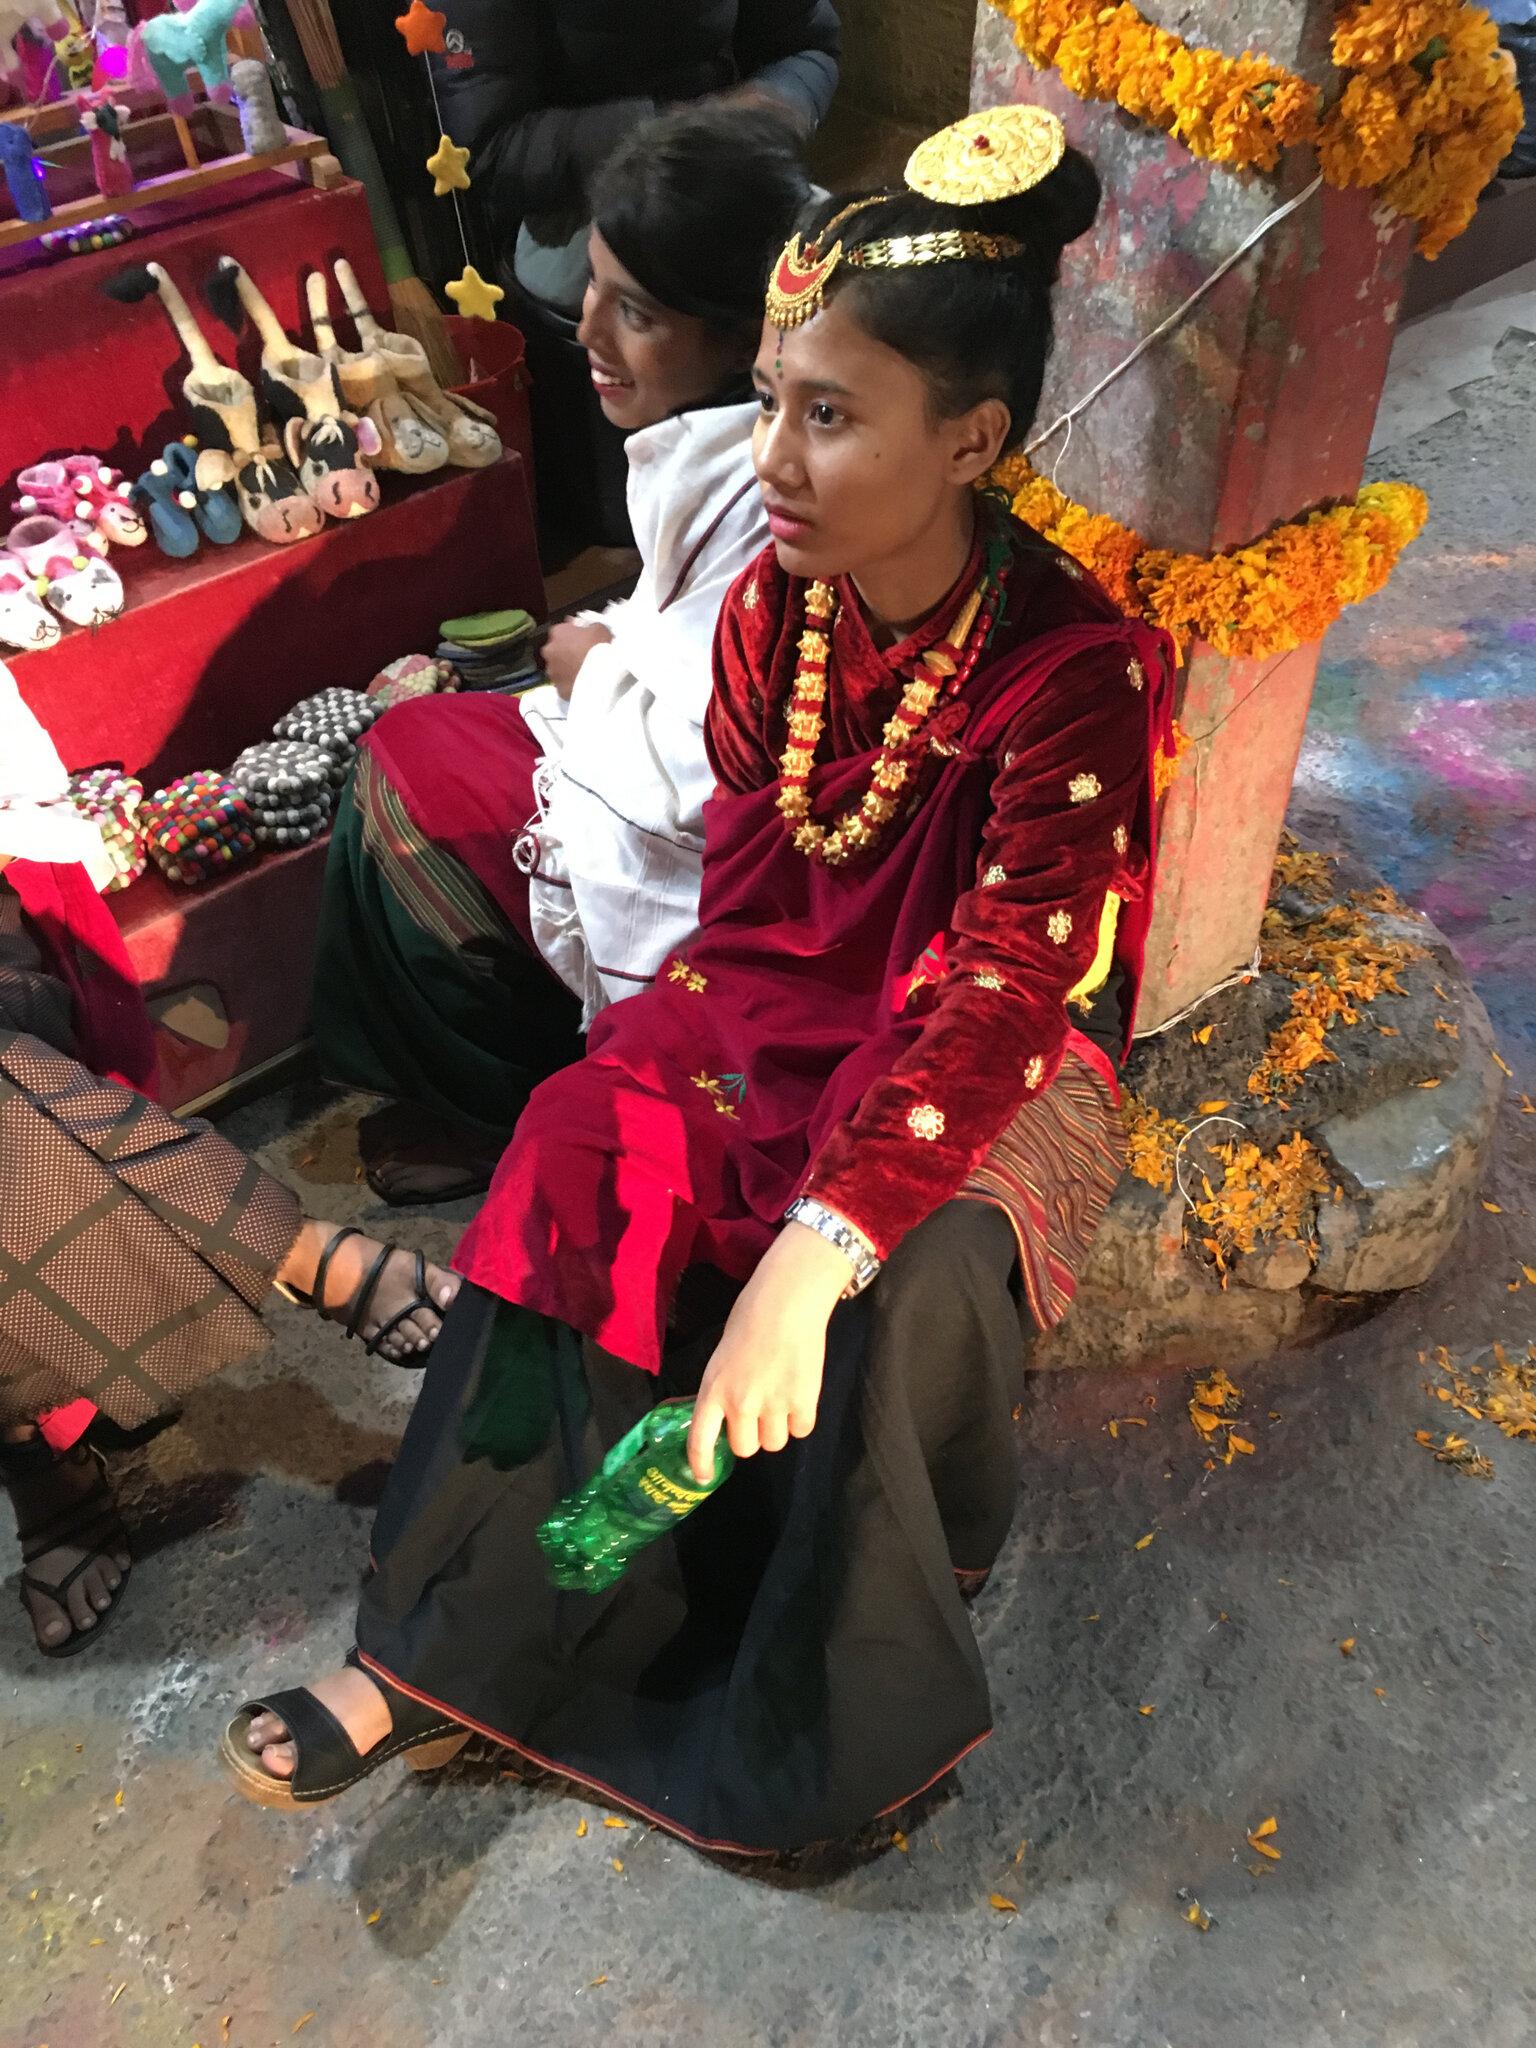 Flash infos n°23 : le Népal aux portes du ciel